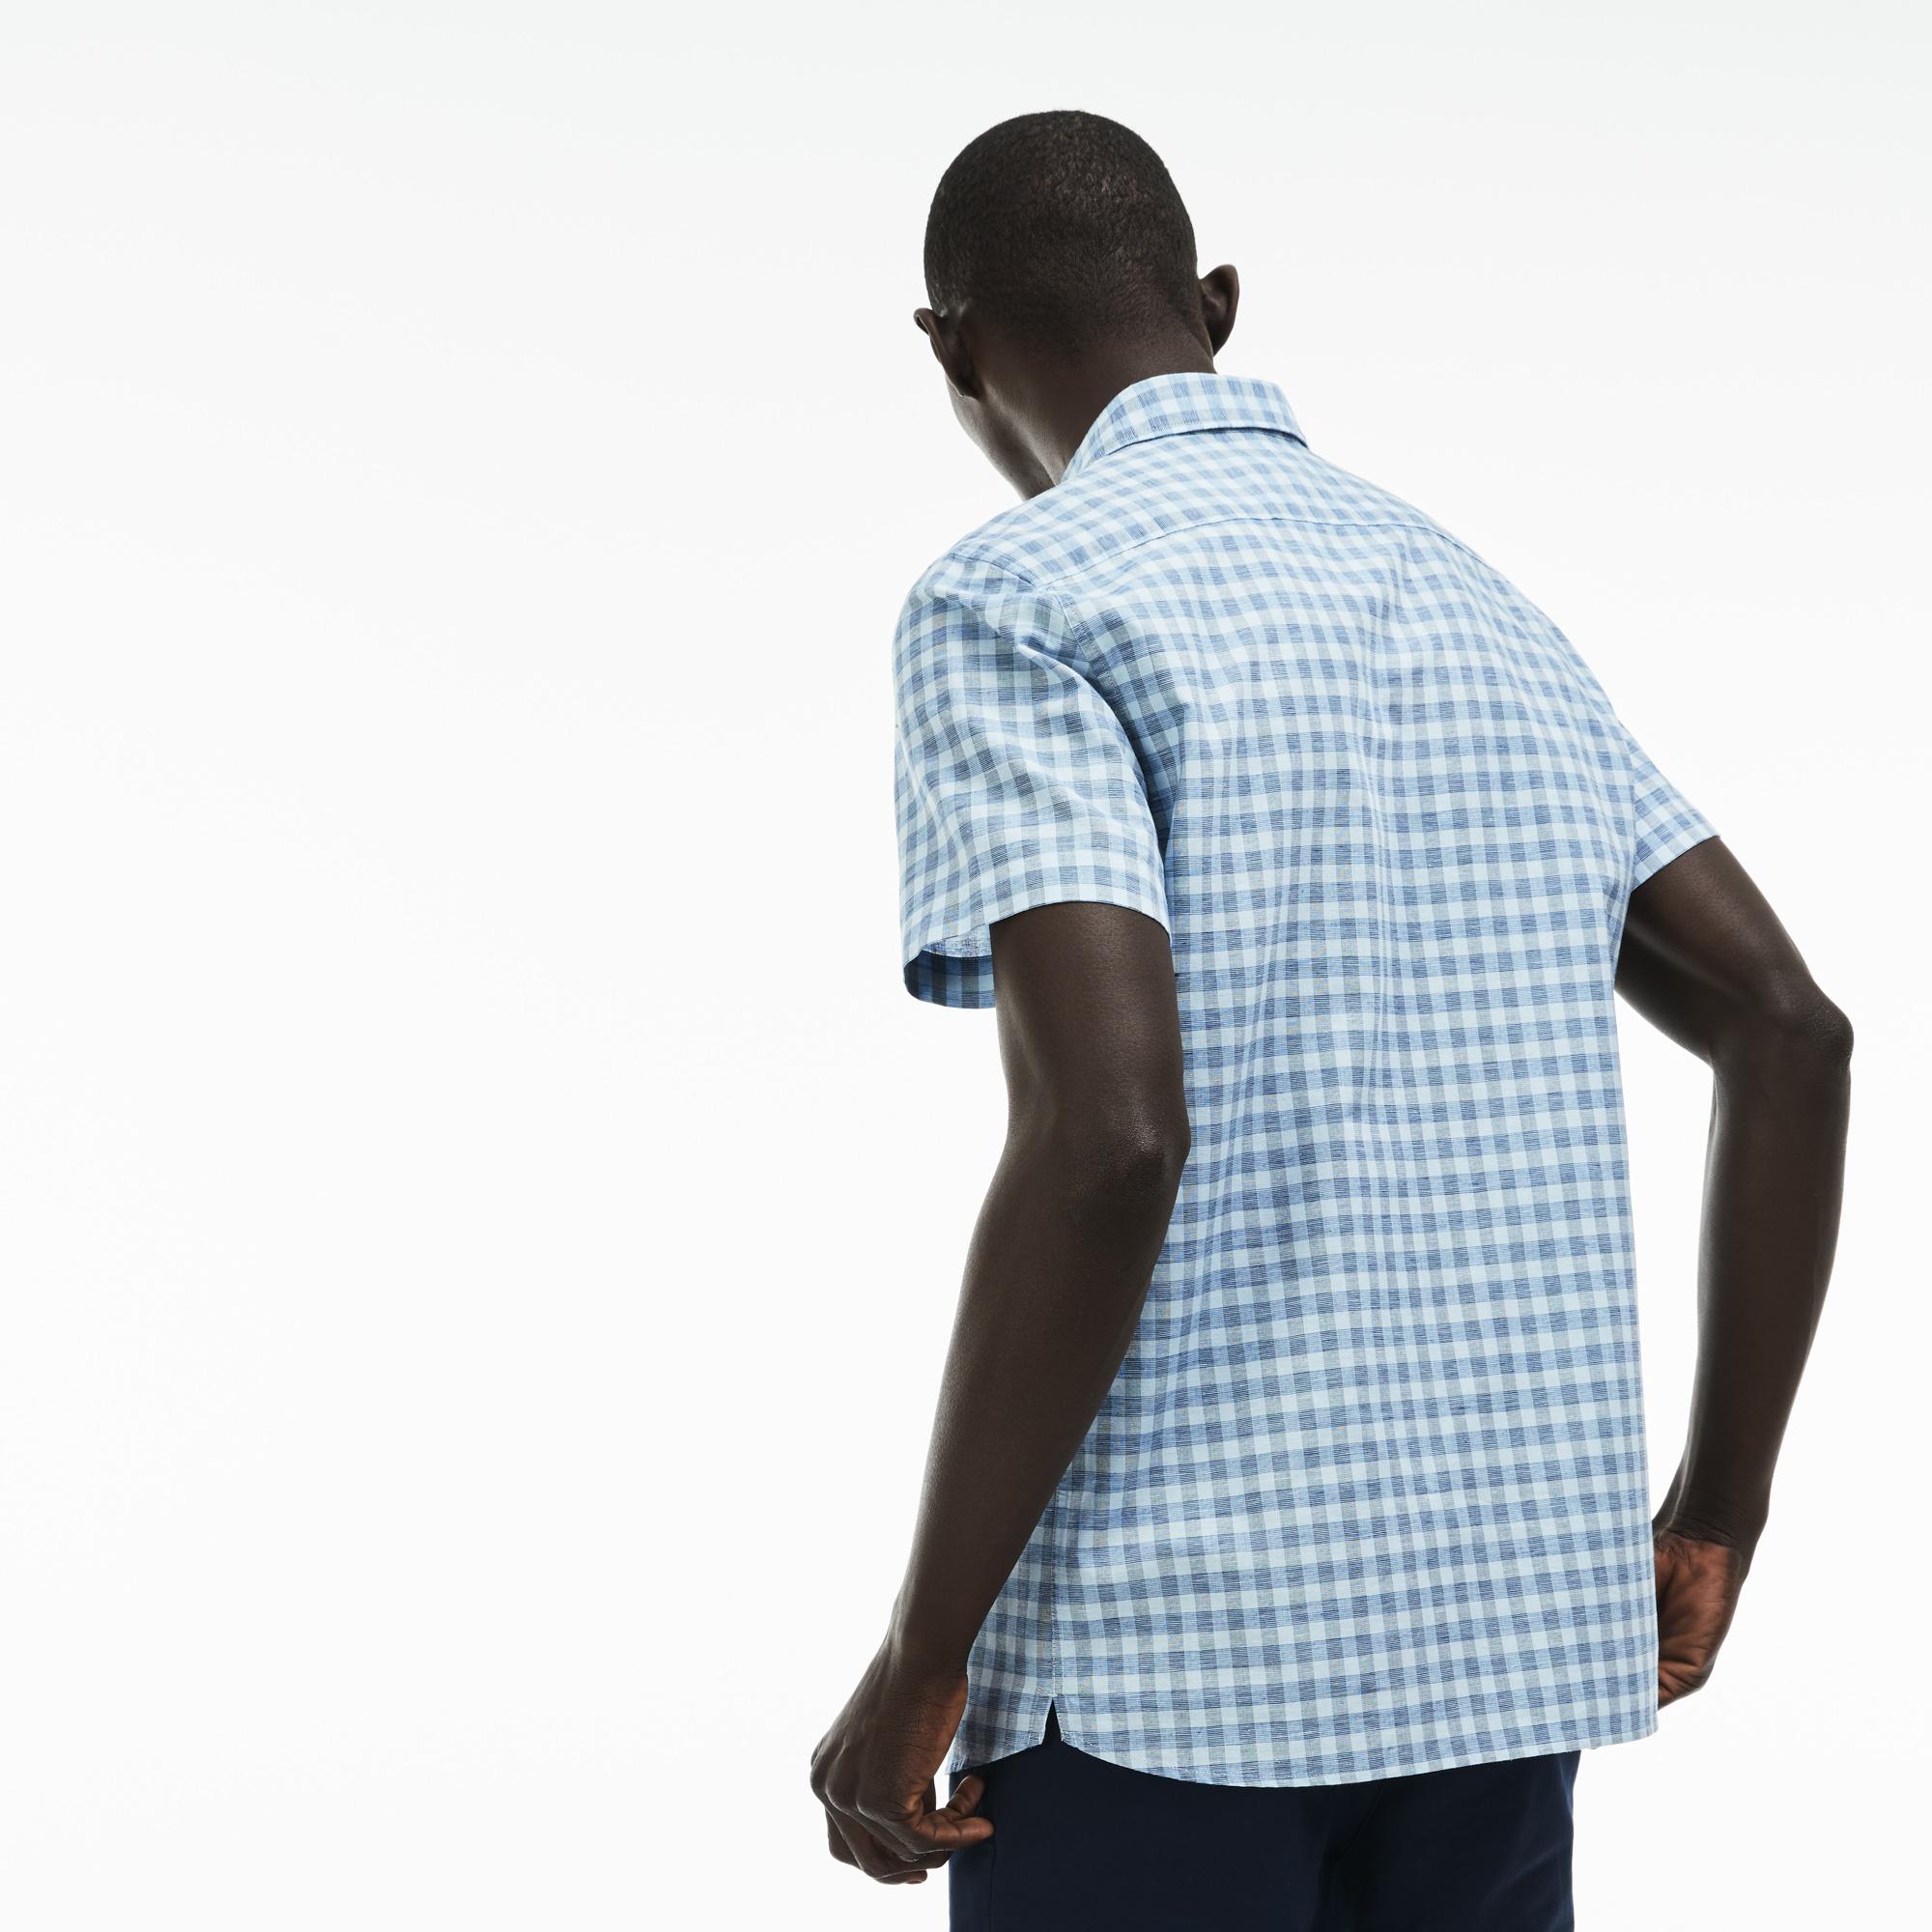 Фото 2 - Рубашку Lacoste Regular fit голубого цвета